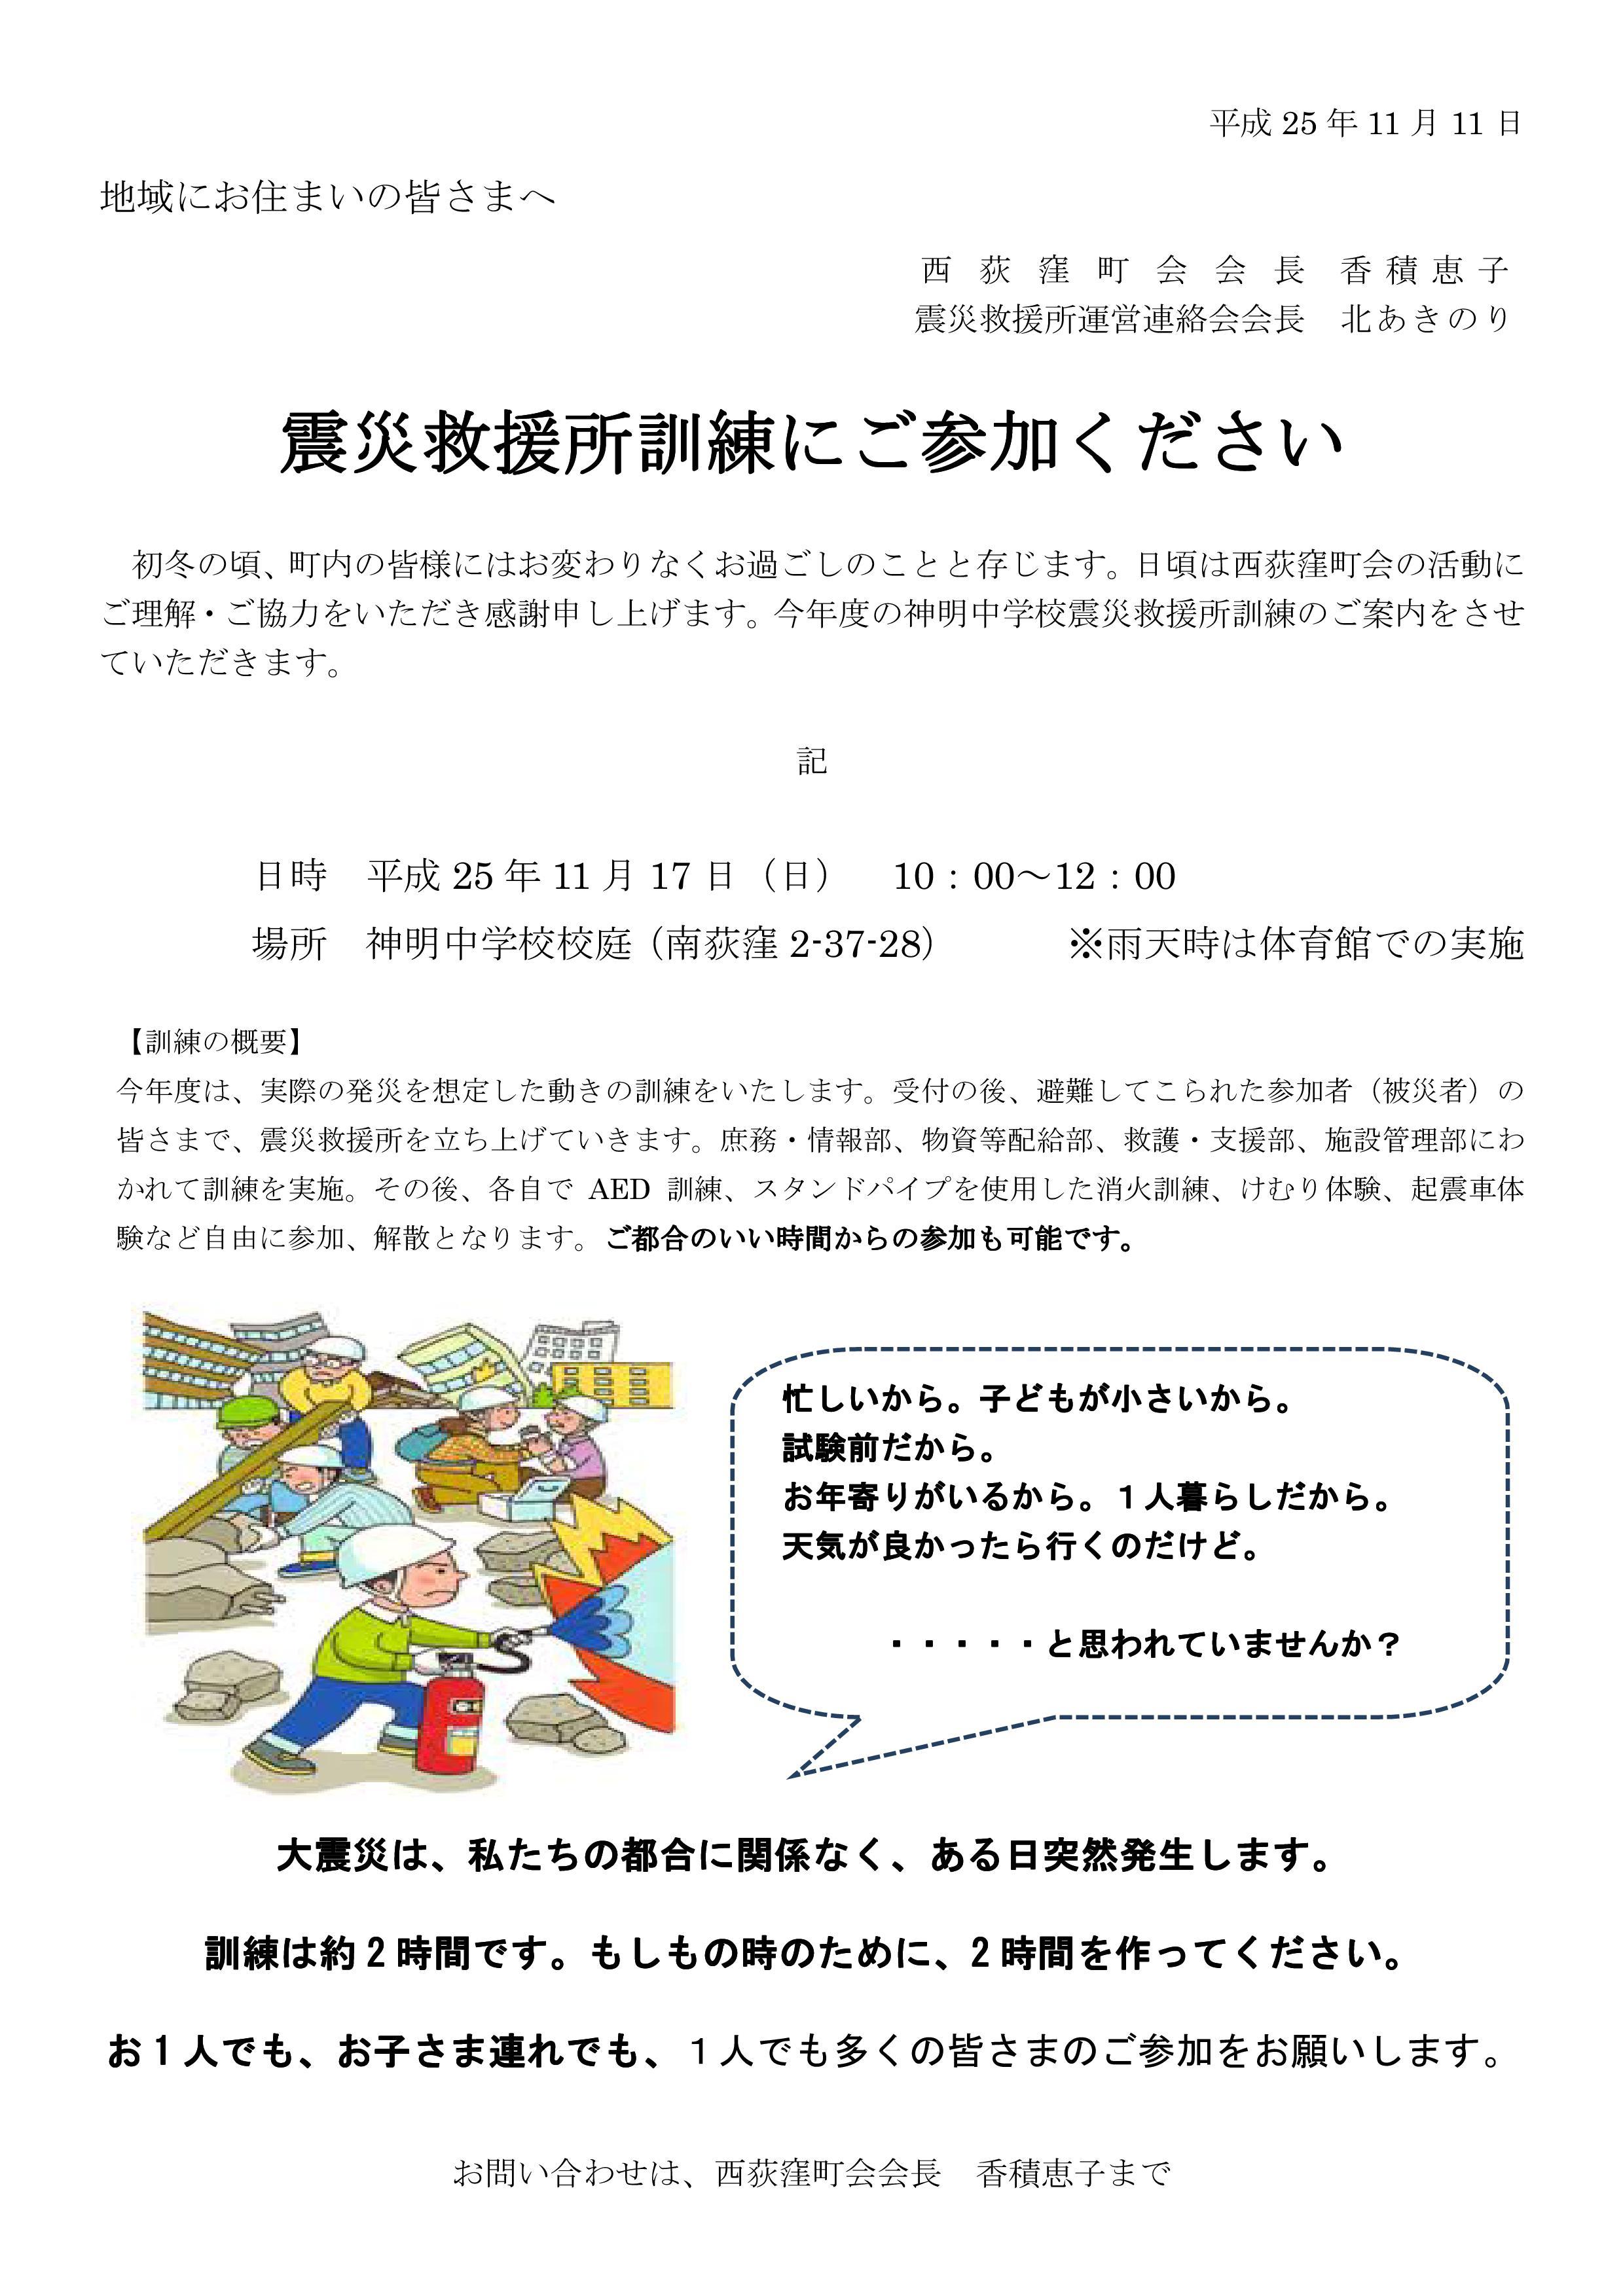 震災救援所訓練